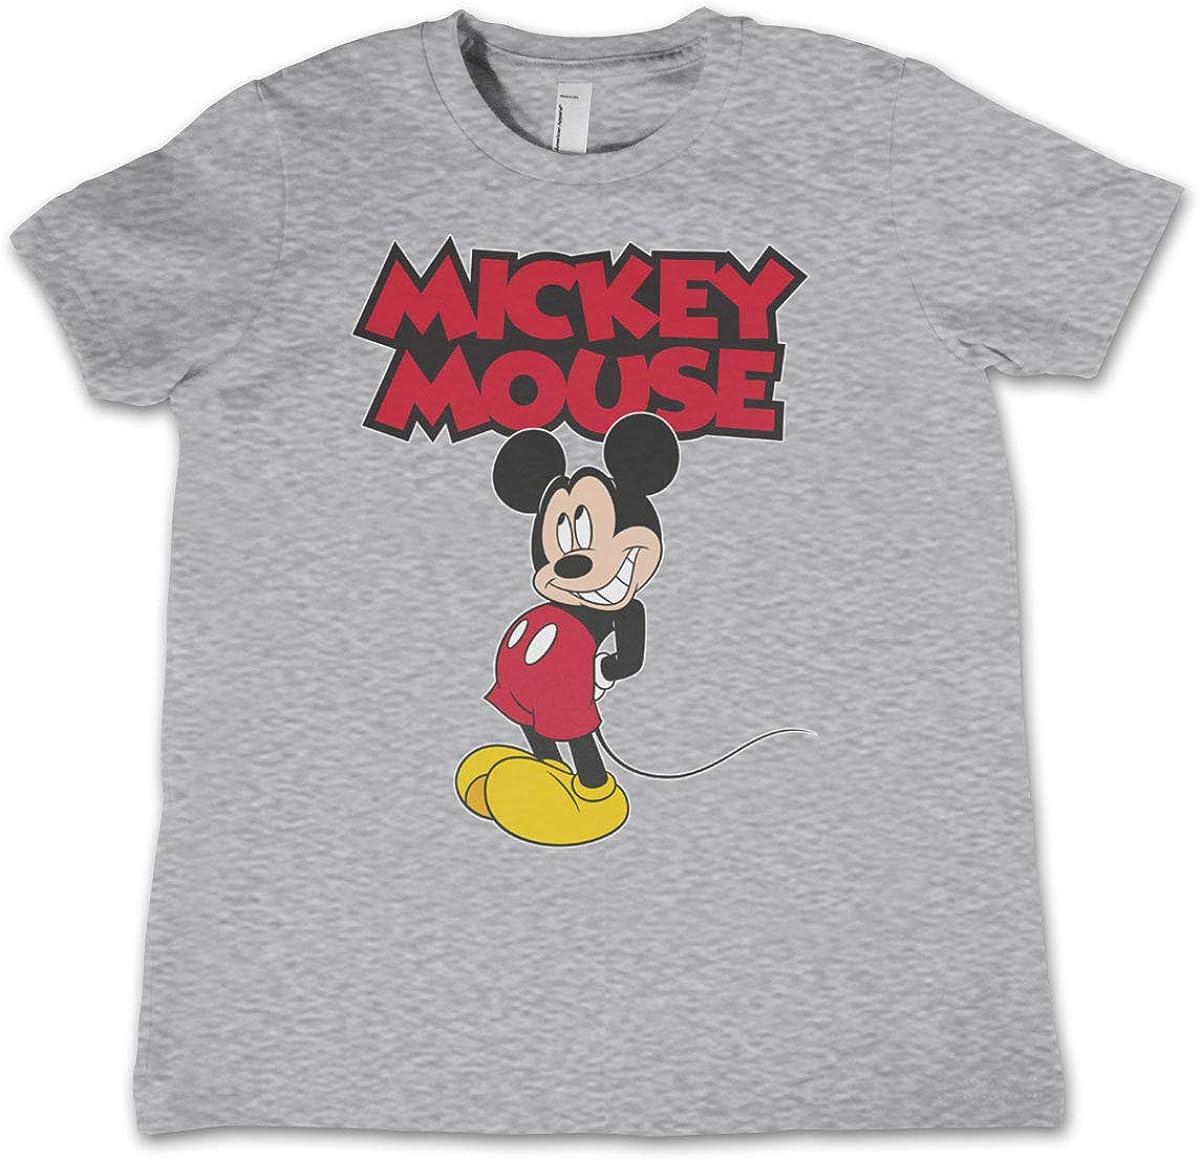 Mickey Mouse Licenciado Oficialmente Little Niños Camiseta (Gris Claro): Amazon.es: Ropa y accesorios